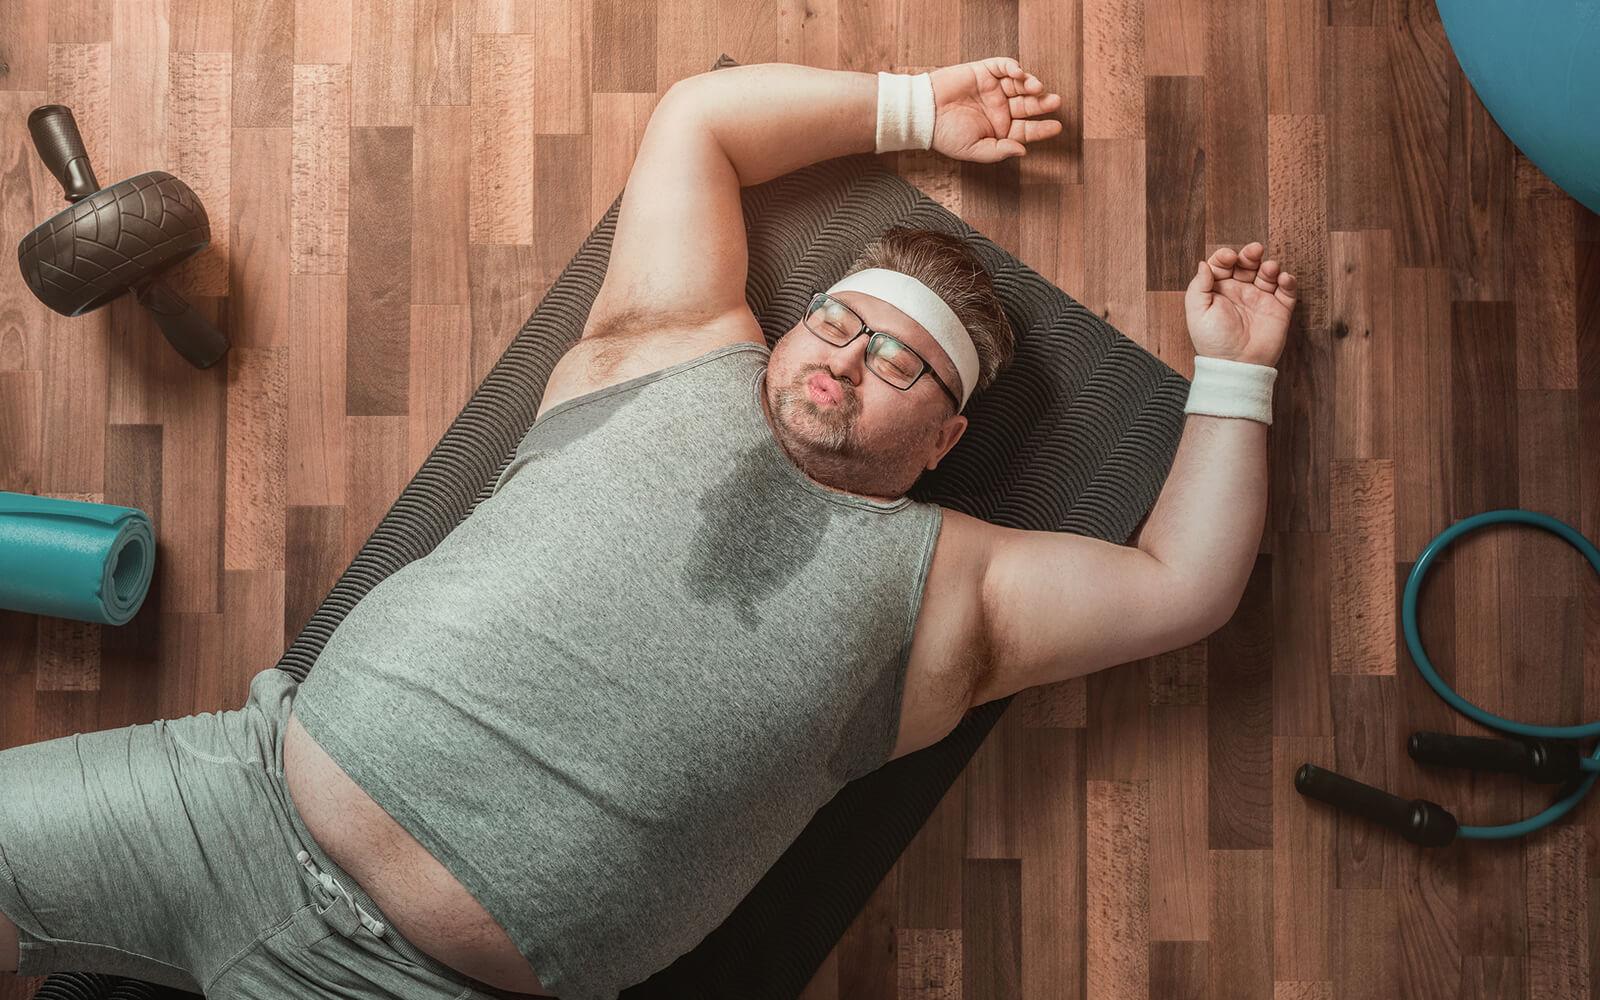 Mann im verschwitztem Hemd liegt auf Boden